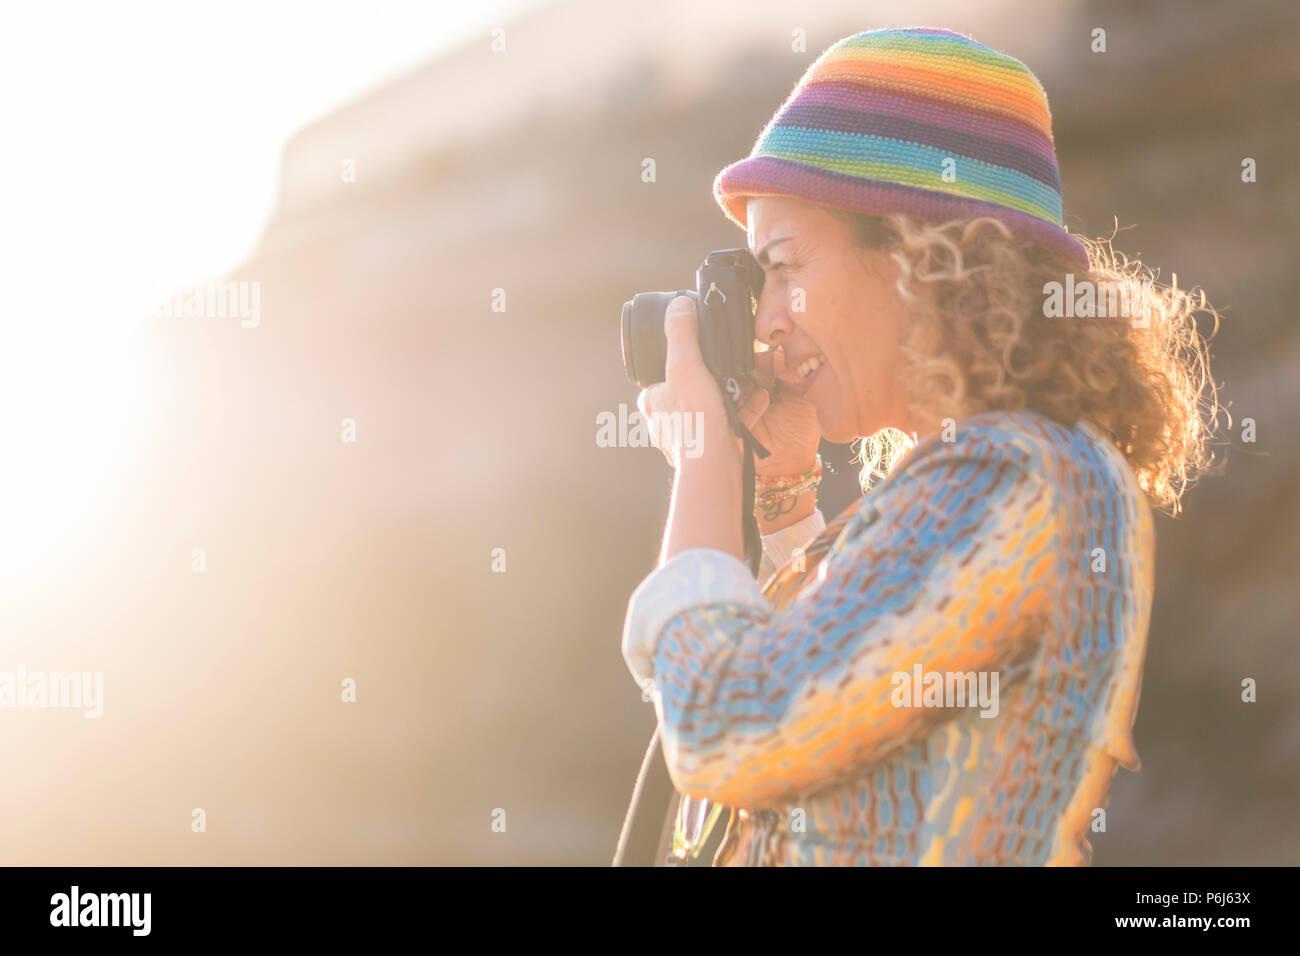 Frau kaukasischen Fotograf mit schönen farbigen hat Bilder mit alten kleine Kamera. Sonnenlicht und sun Flair in den Hintergrund. helle Sommer co Stockbild